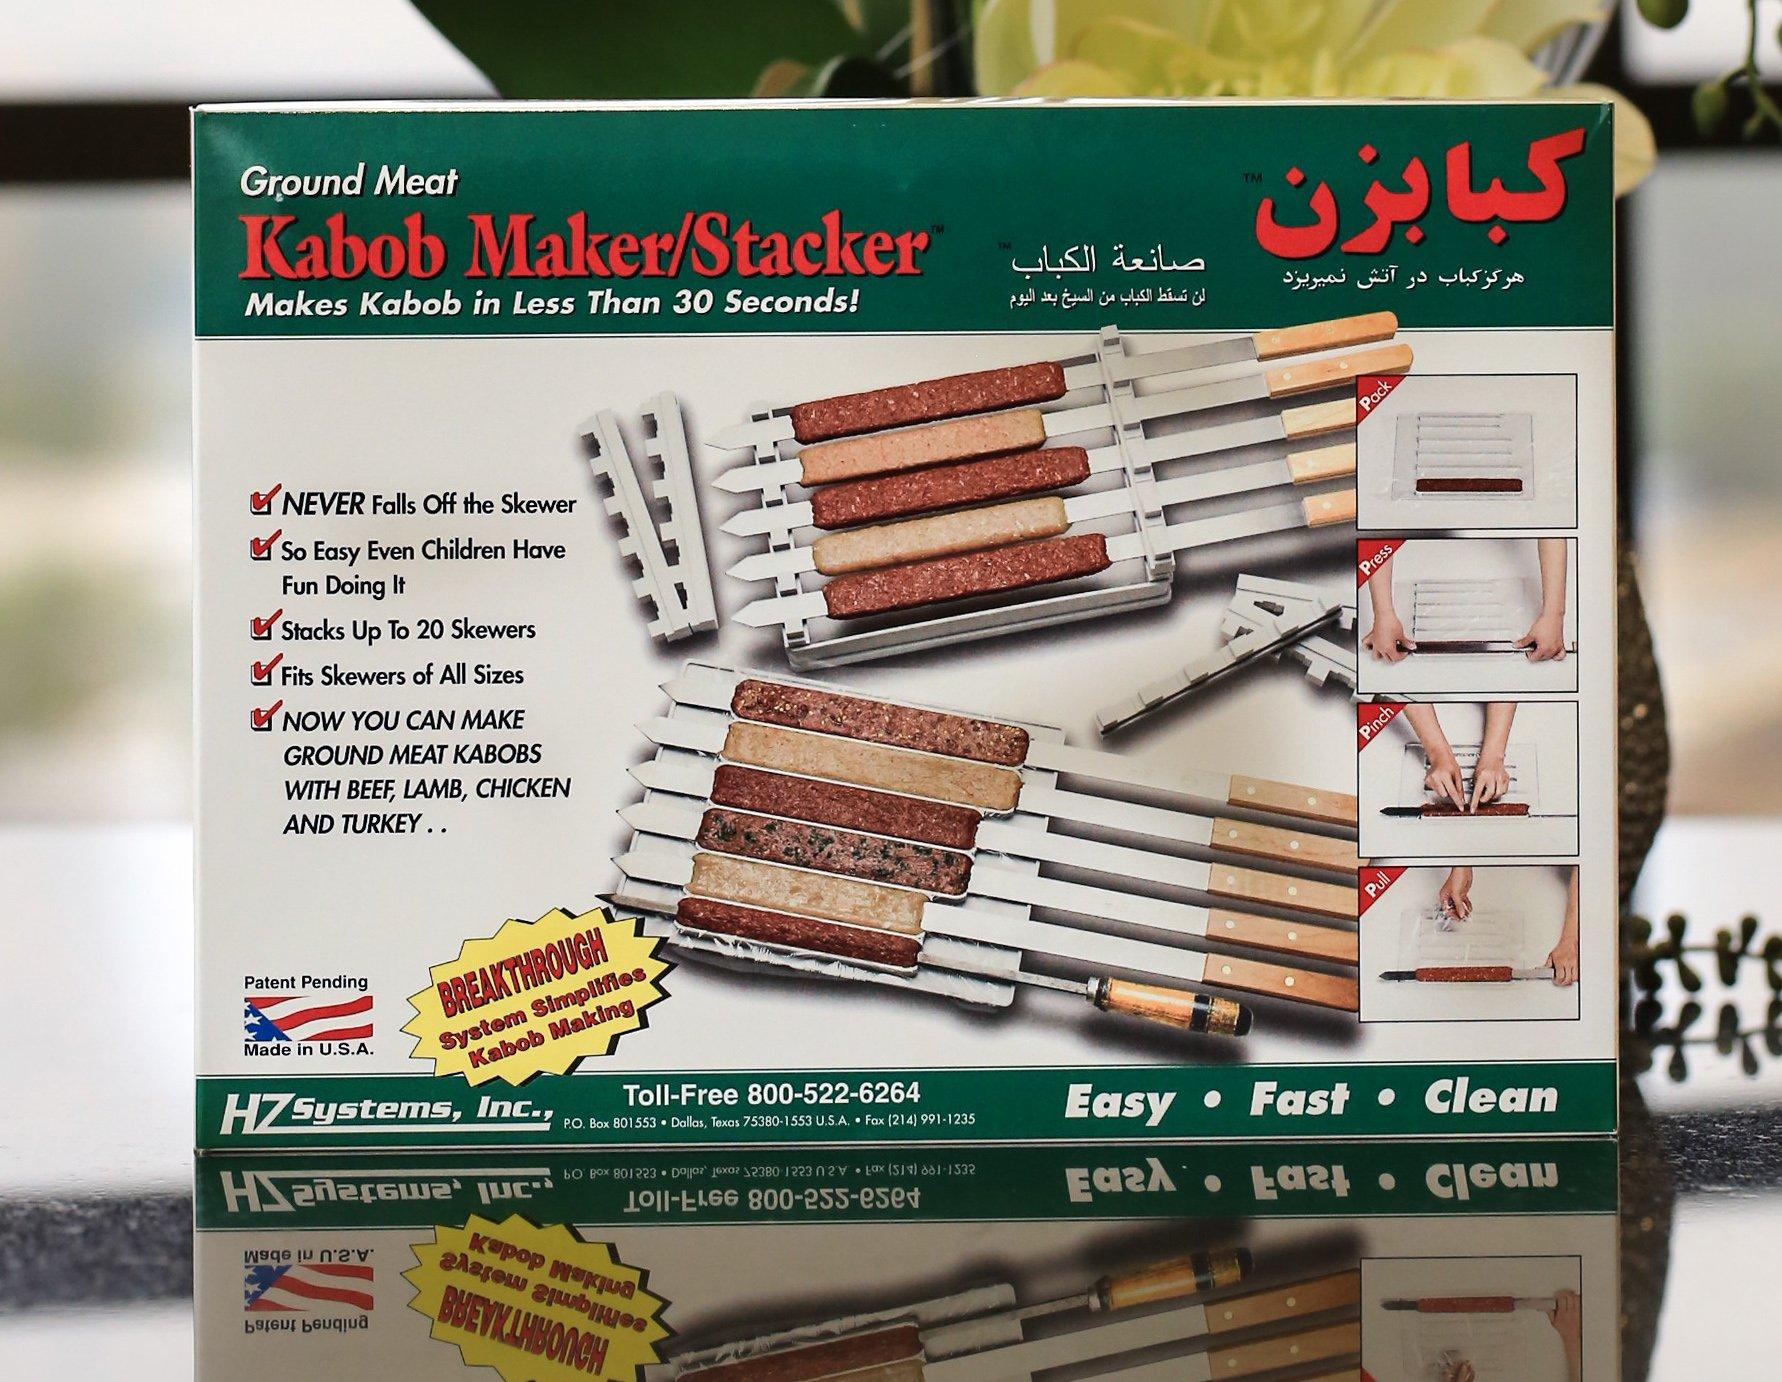 Kabob Maker and Stacker by Kabob Maker